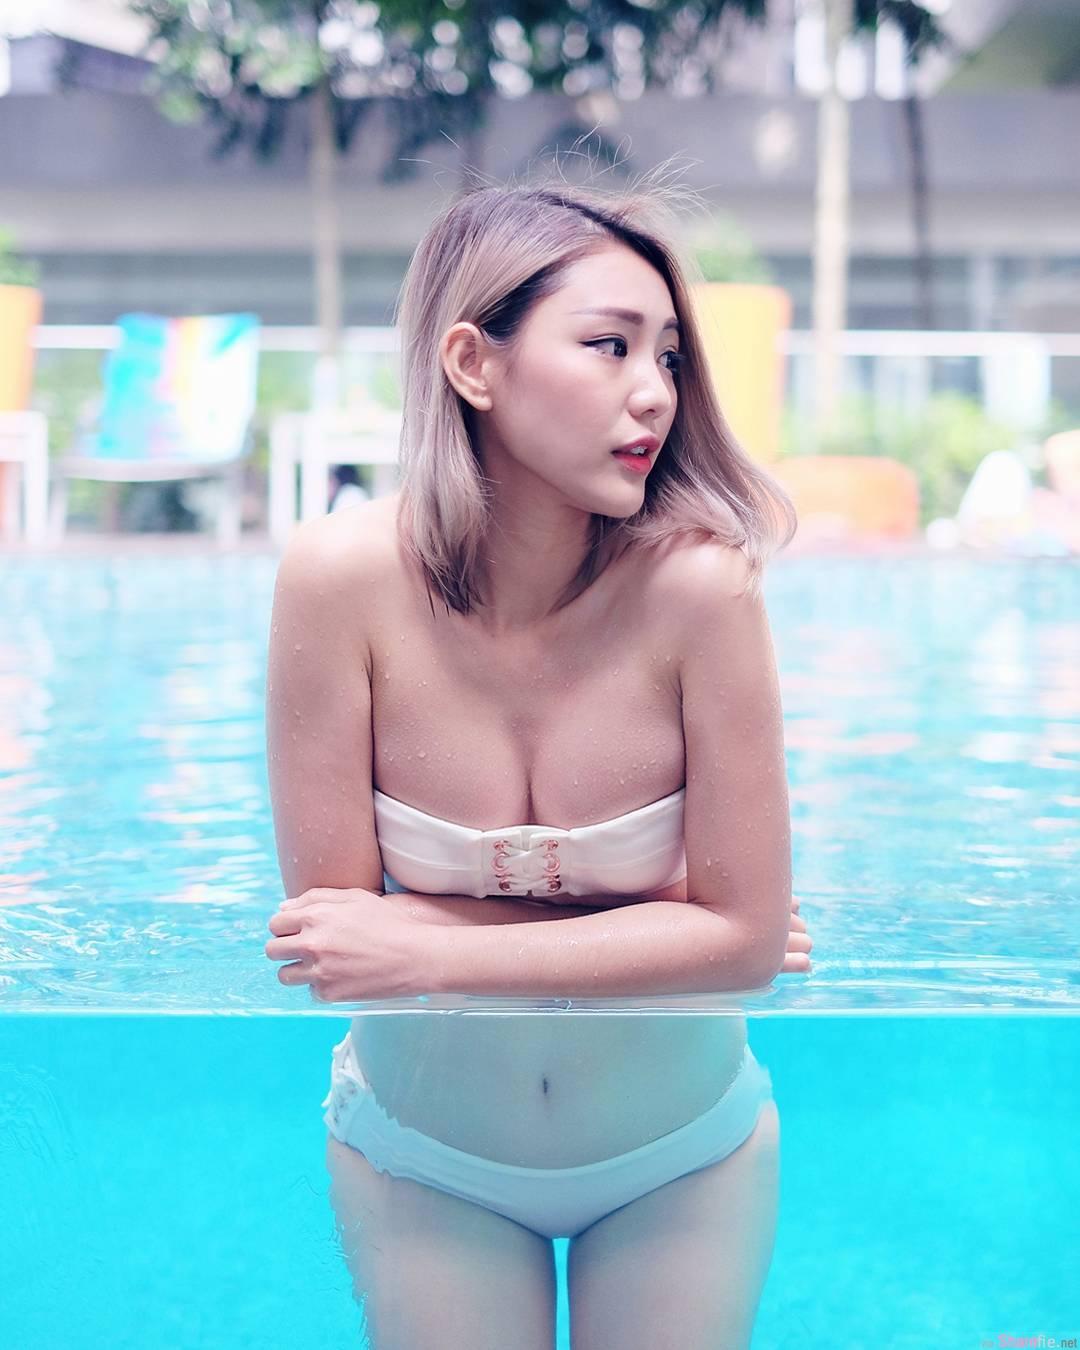 大马正妹 May ho 泳池俯身绝美曲线浮出水面 网:好身材